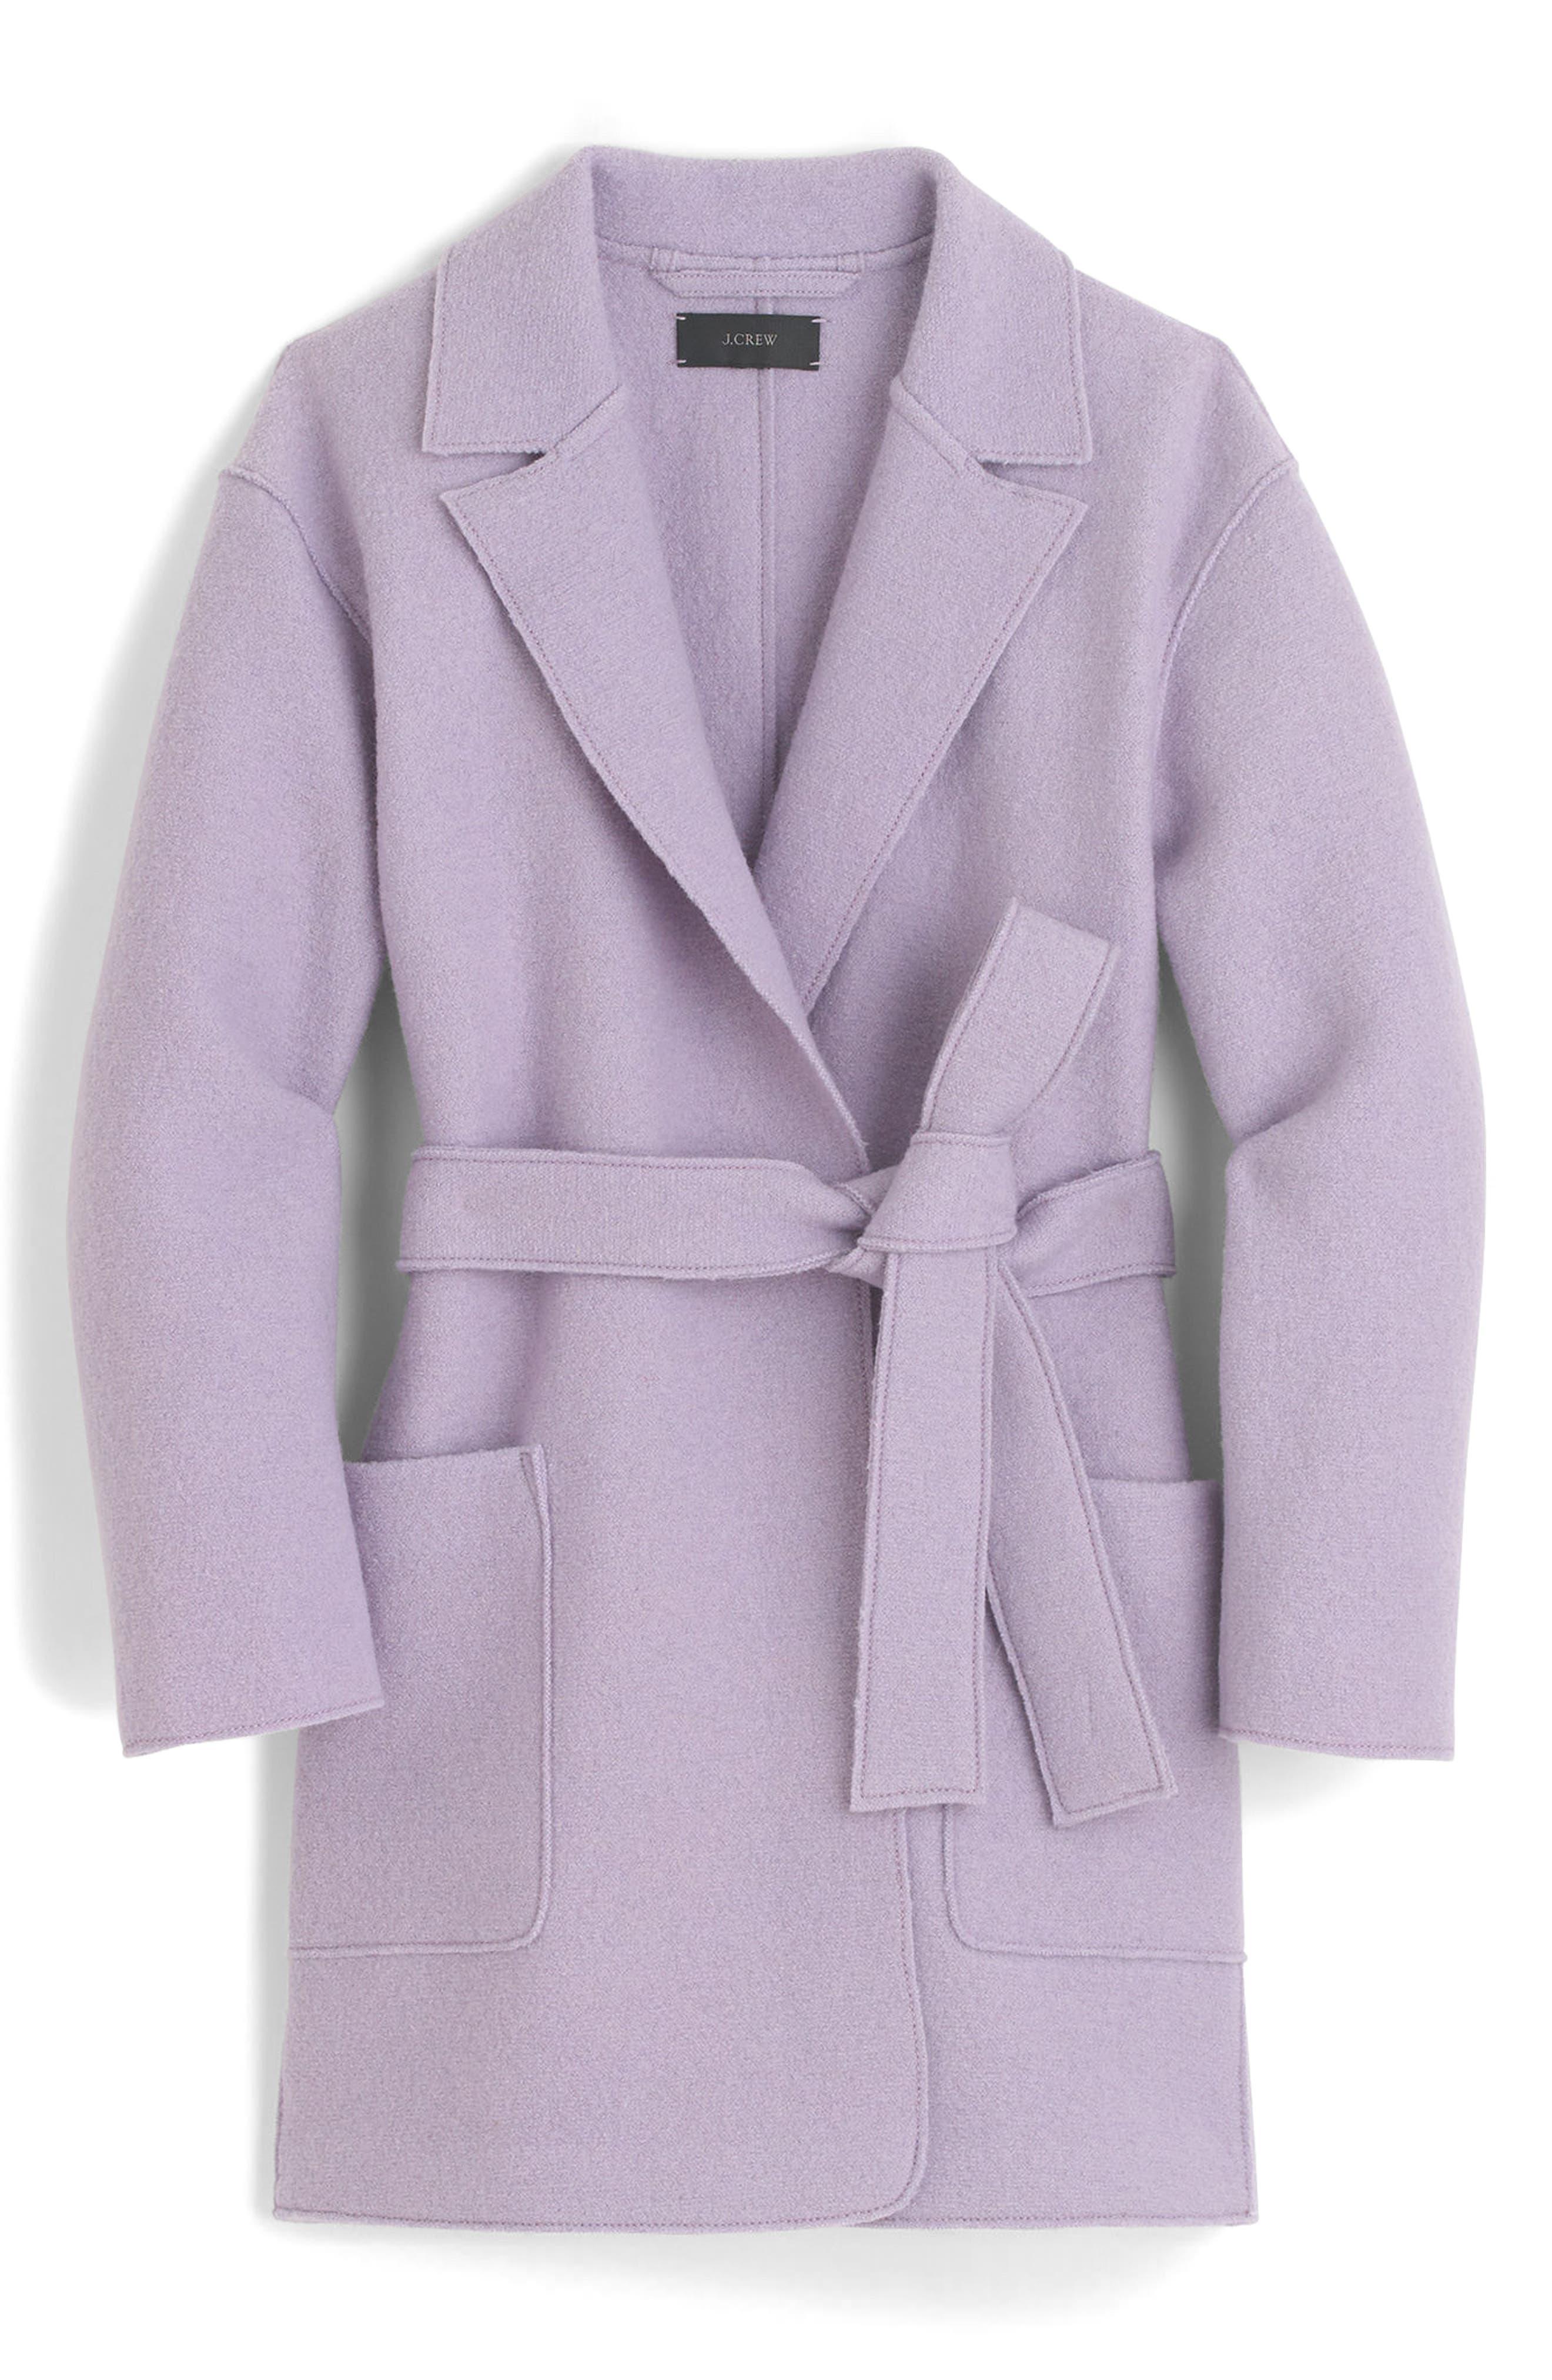 Alternate Image 1 Selected - J.Crew Sabrina Boiled Wool Wrap Coat (Regular & Petite)